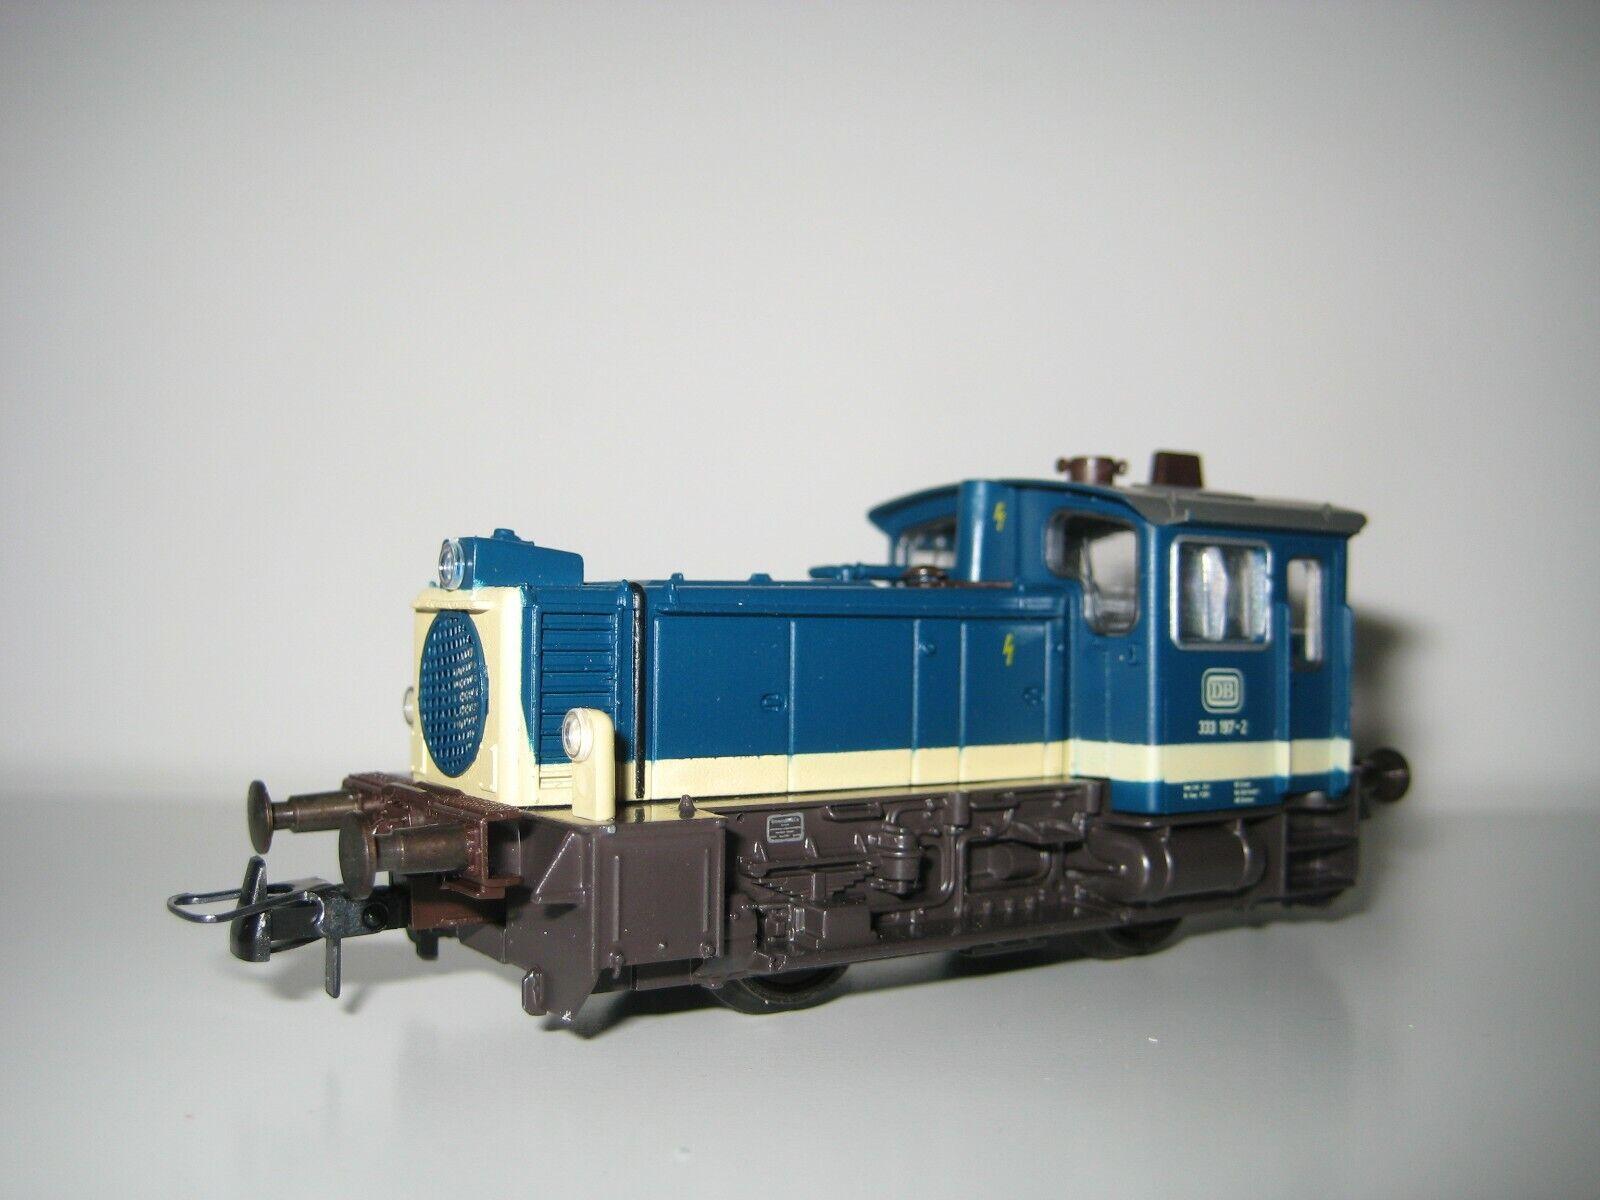 Roco H0 43478 -Locomotora BR 333 197-2 DB